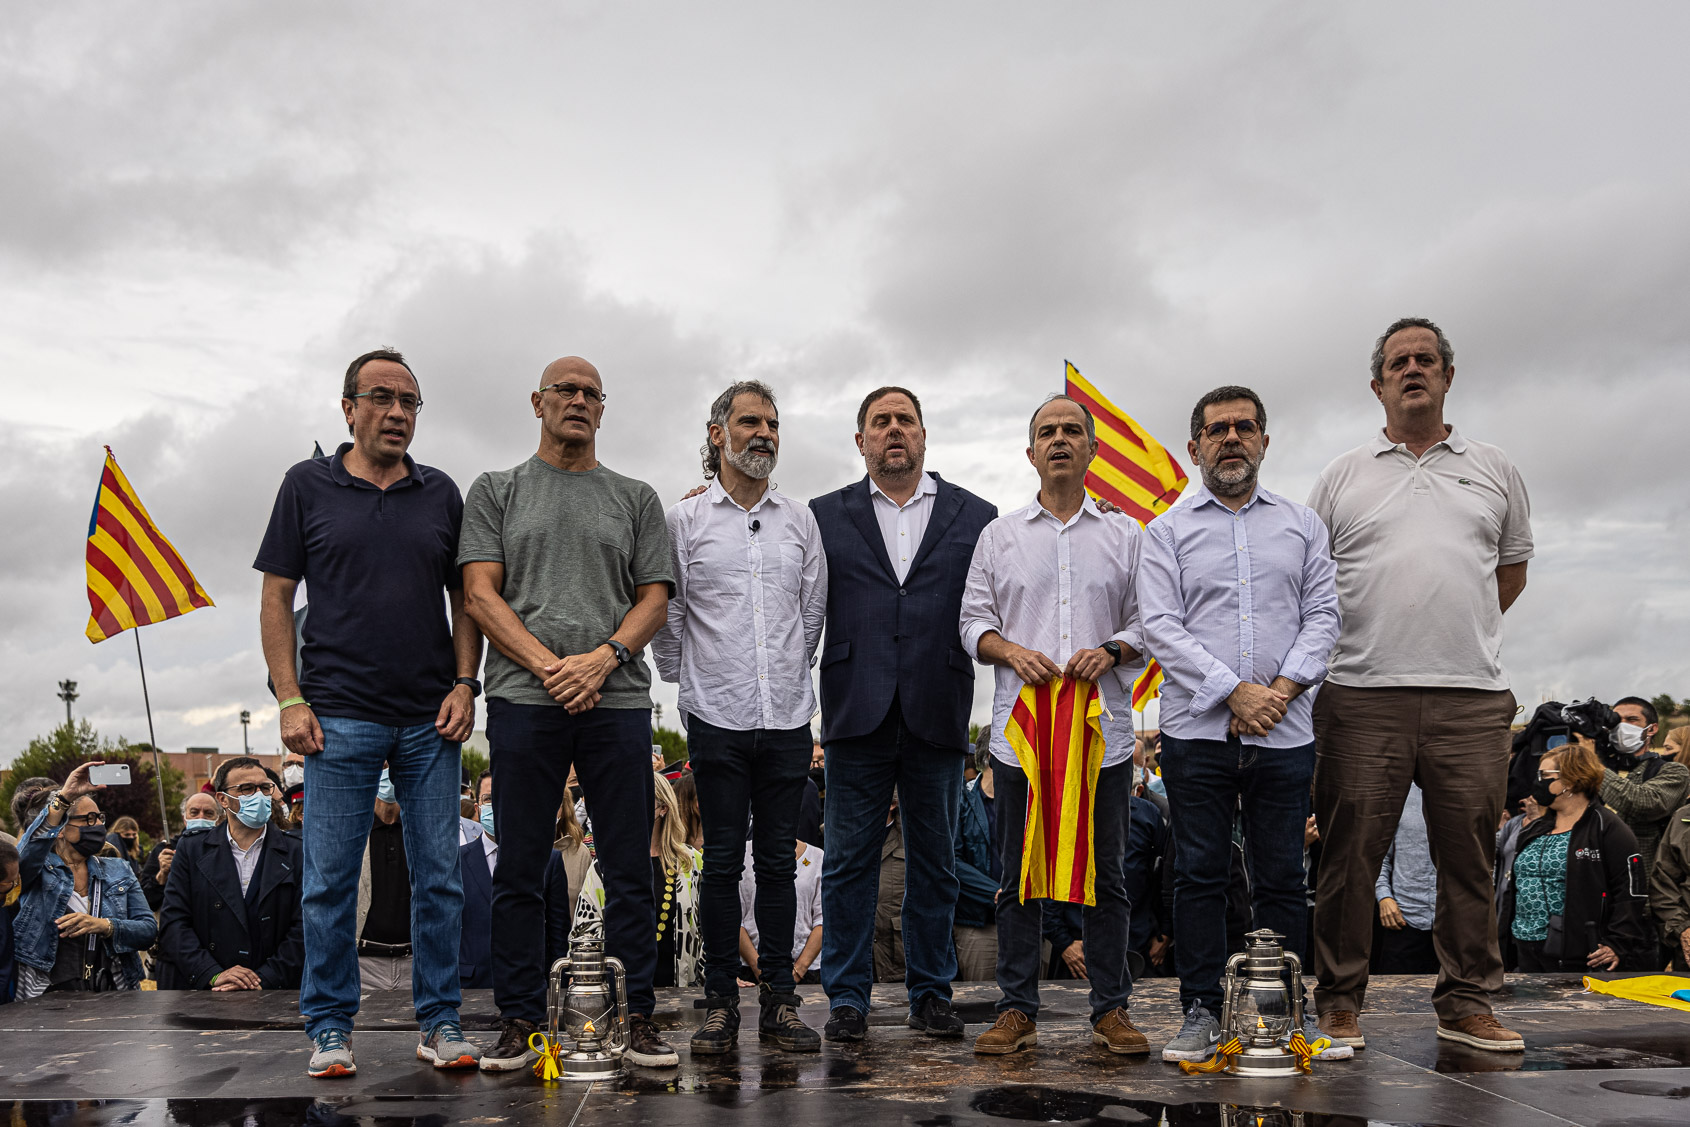 Josep Rull, Raül Romeva, Jordi Cuixart, Oriol Junqueras, Jordi Turull, Jordi Spanchez i Quim Forn el dia de l'alliberament dels presos polítics de l'1-O per l'indult, a la sortida de Lledoners / Jordi Borràs